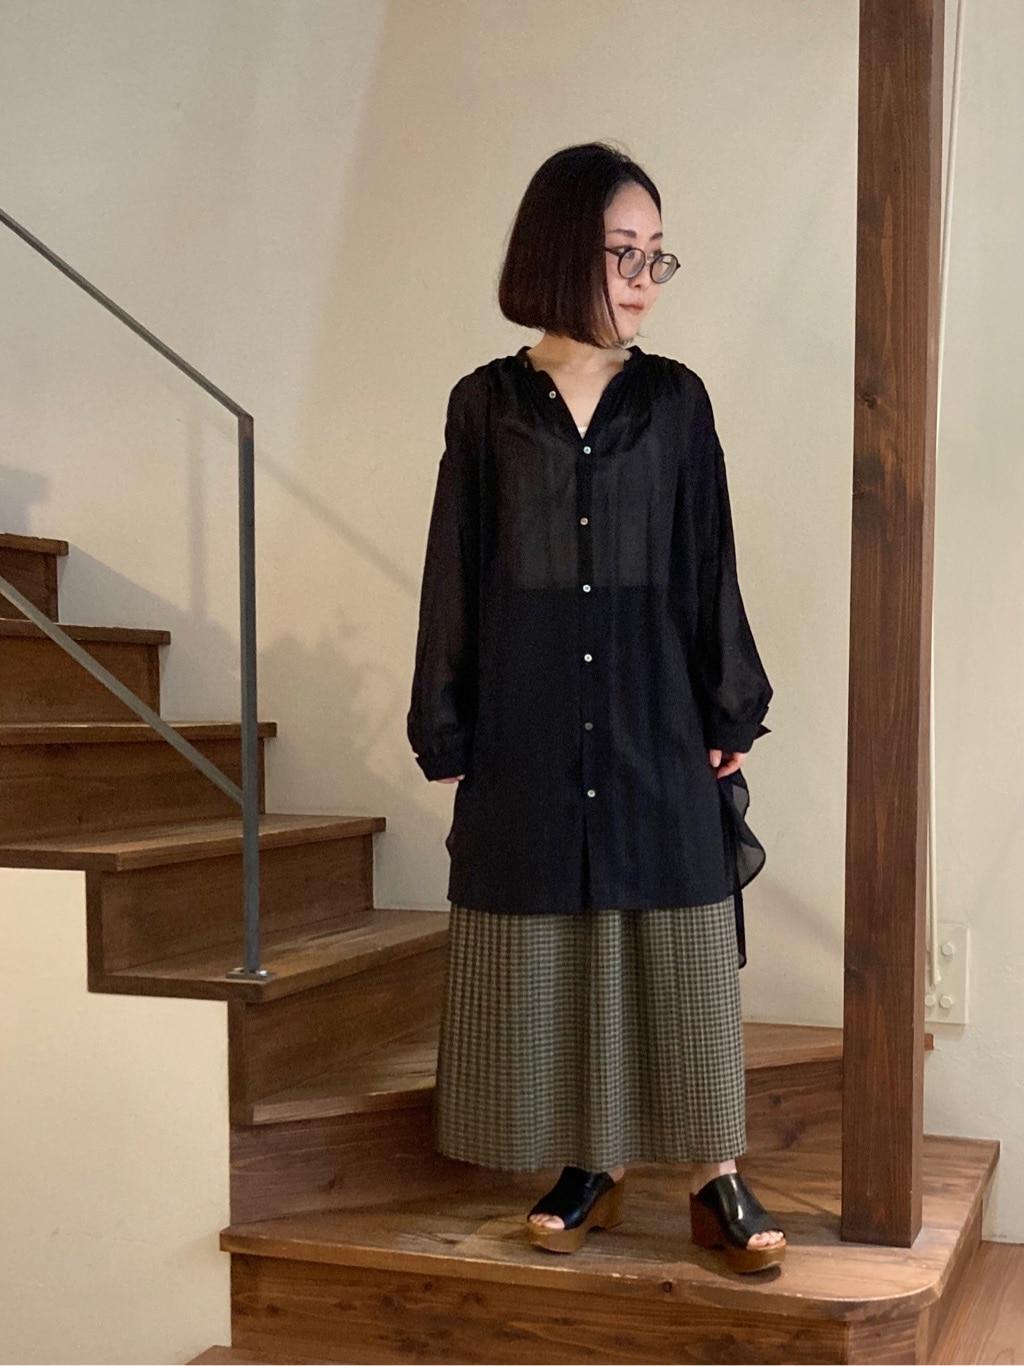 yuni 京都路面 身長:152cm 2021.05.18